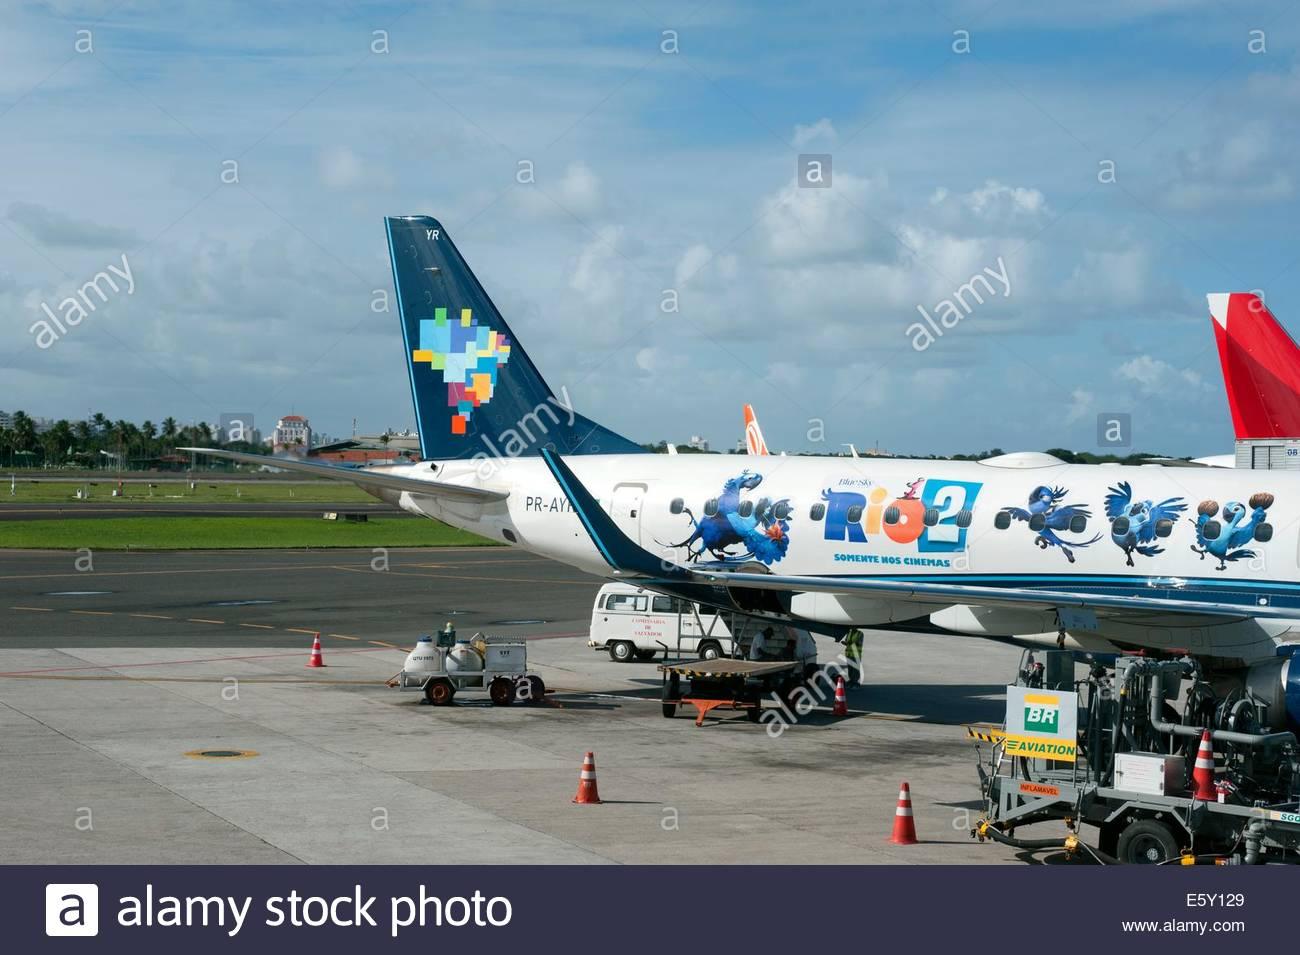 Aeroporto Internacional de Salvador - Dep. Luís Eduardo Magalhães , Brazil  AZUL LINHAS AÉREAS Embraer - Stock Image